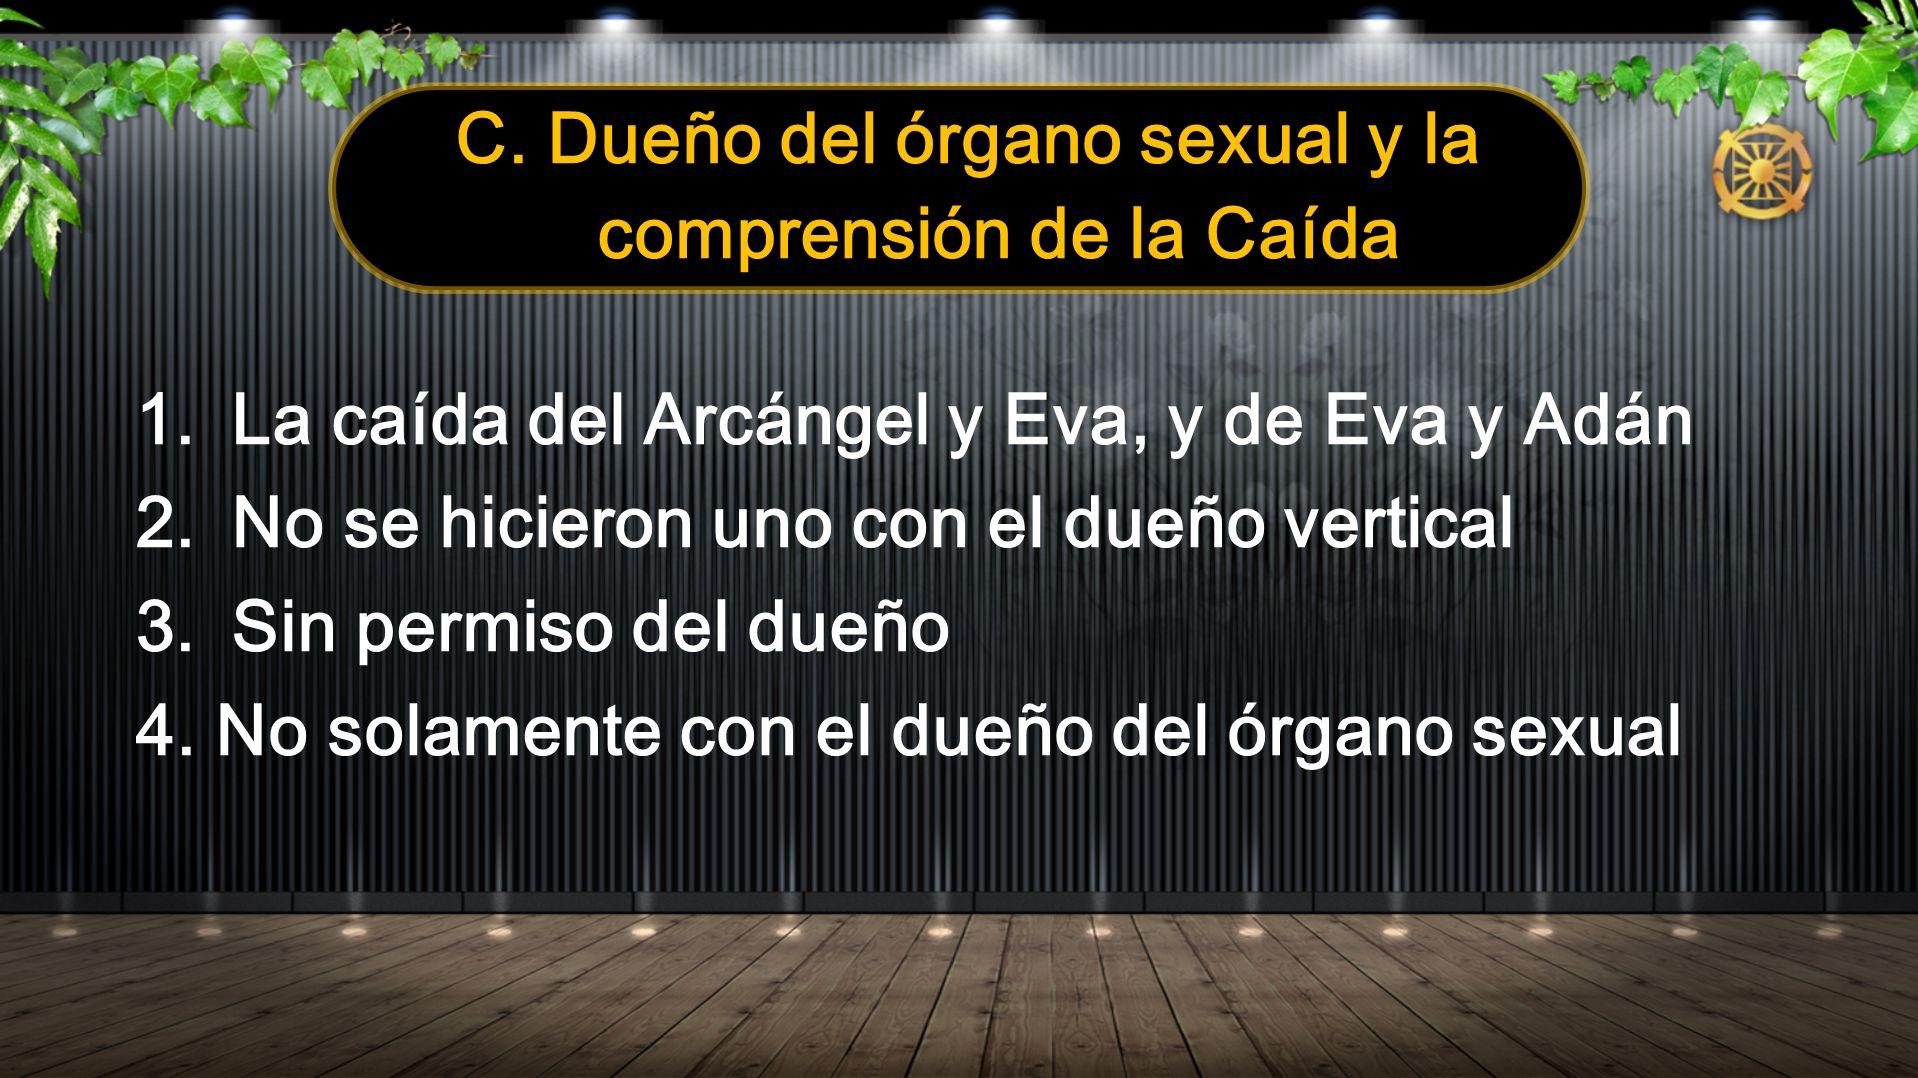 C. Dueño del órgano sexual y la comprensión de la Caída